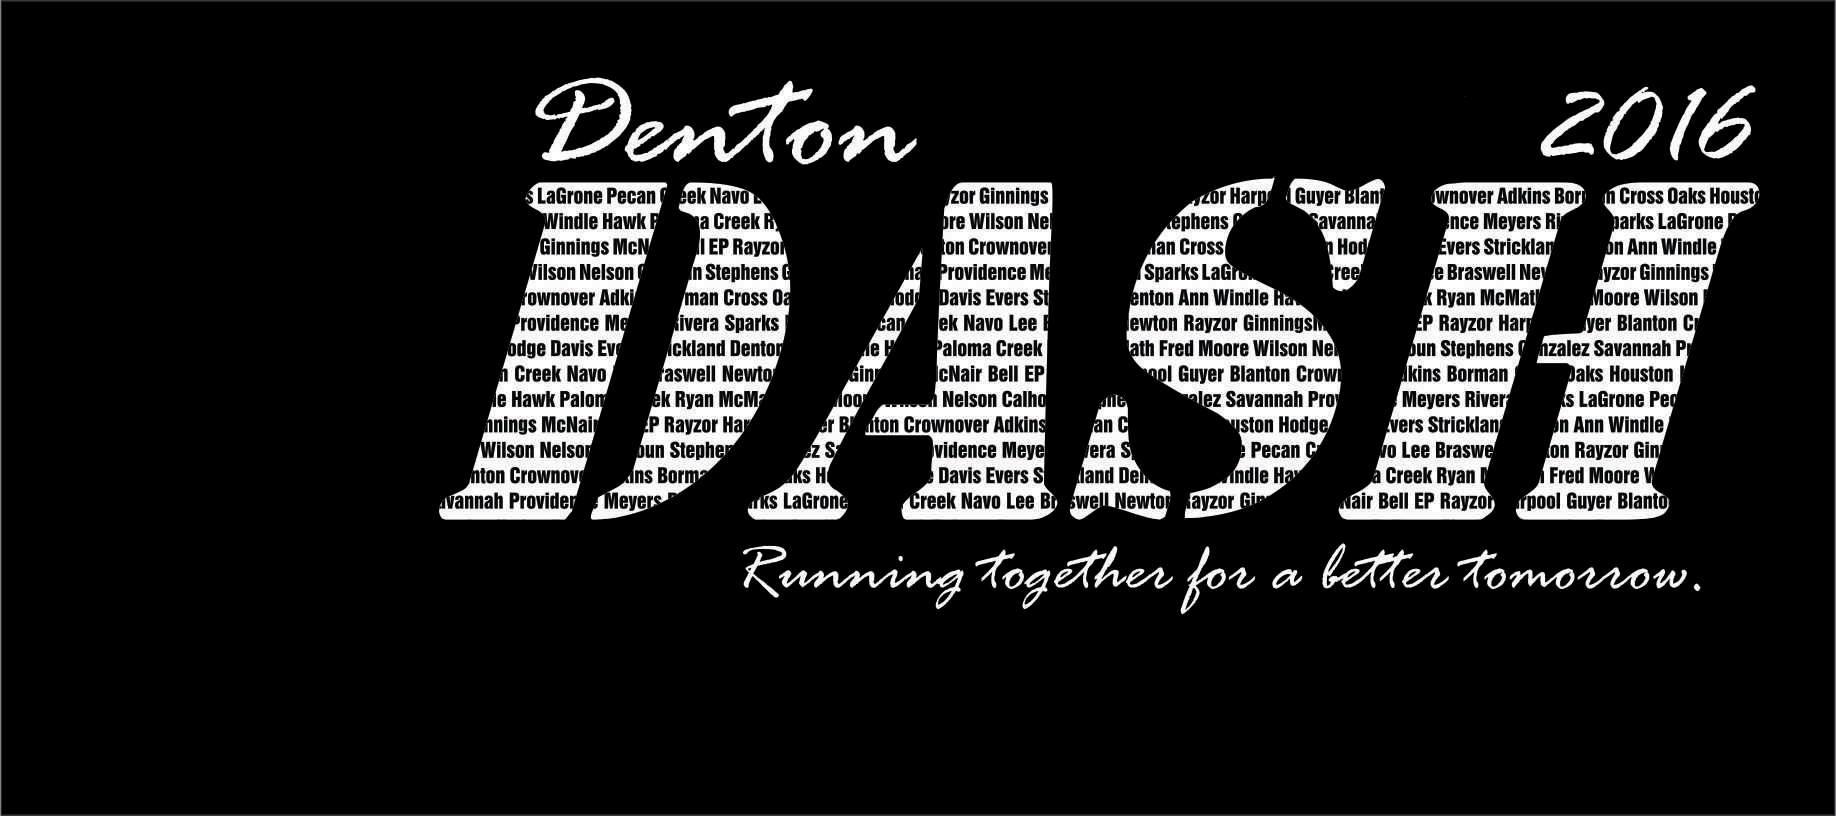 Denton Dash